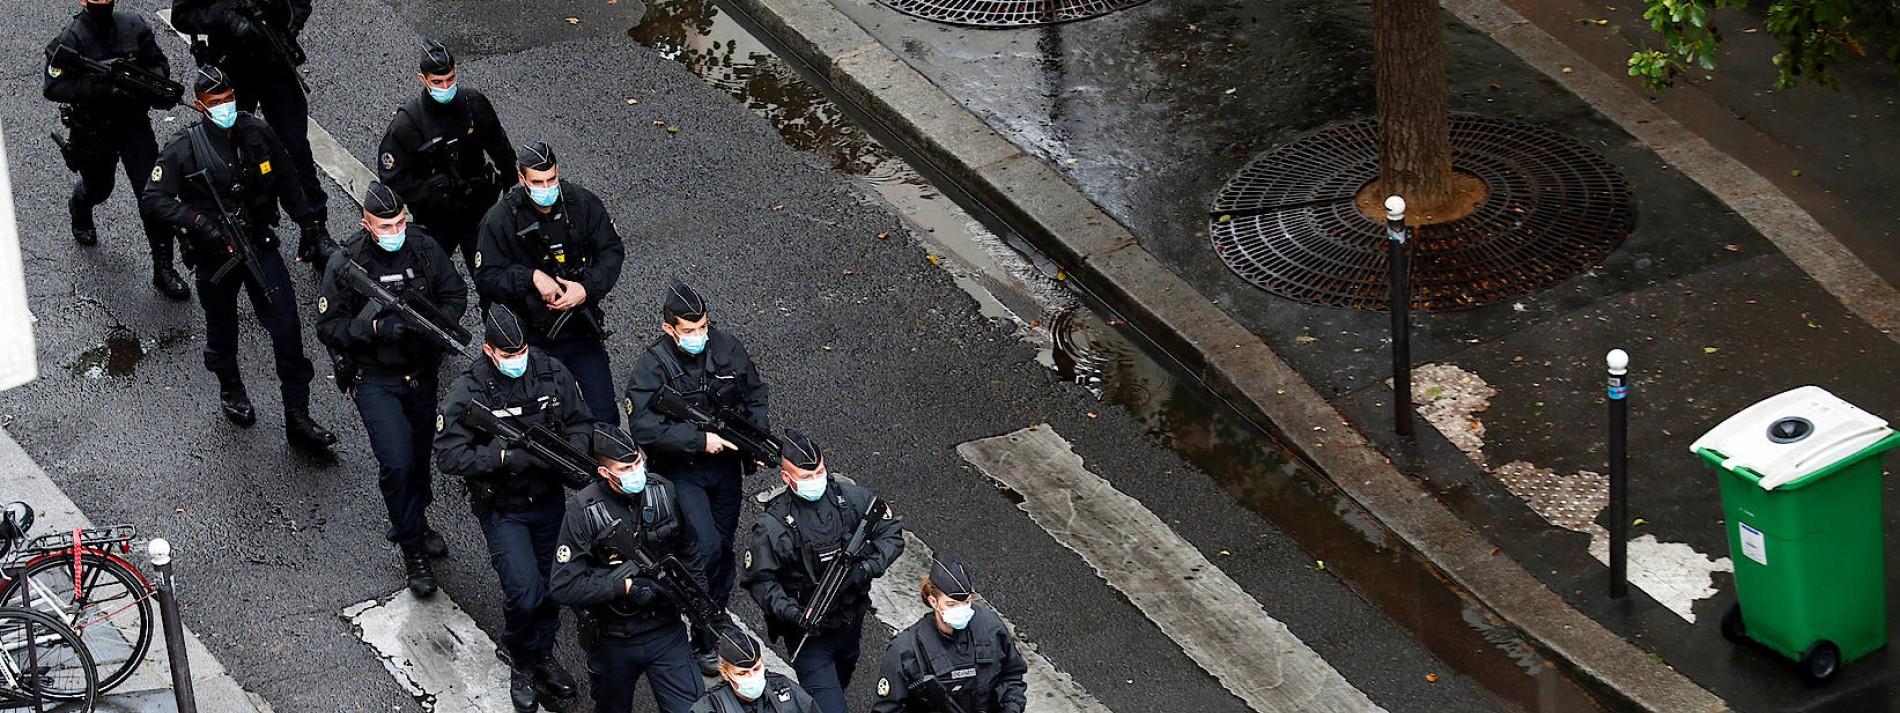 Wo war die Polizei in der Rue Nicolas Appert?